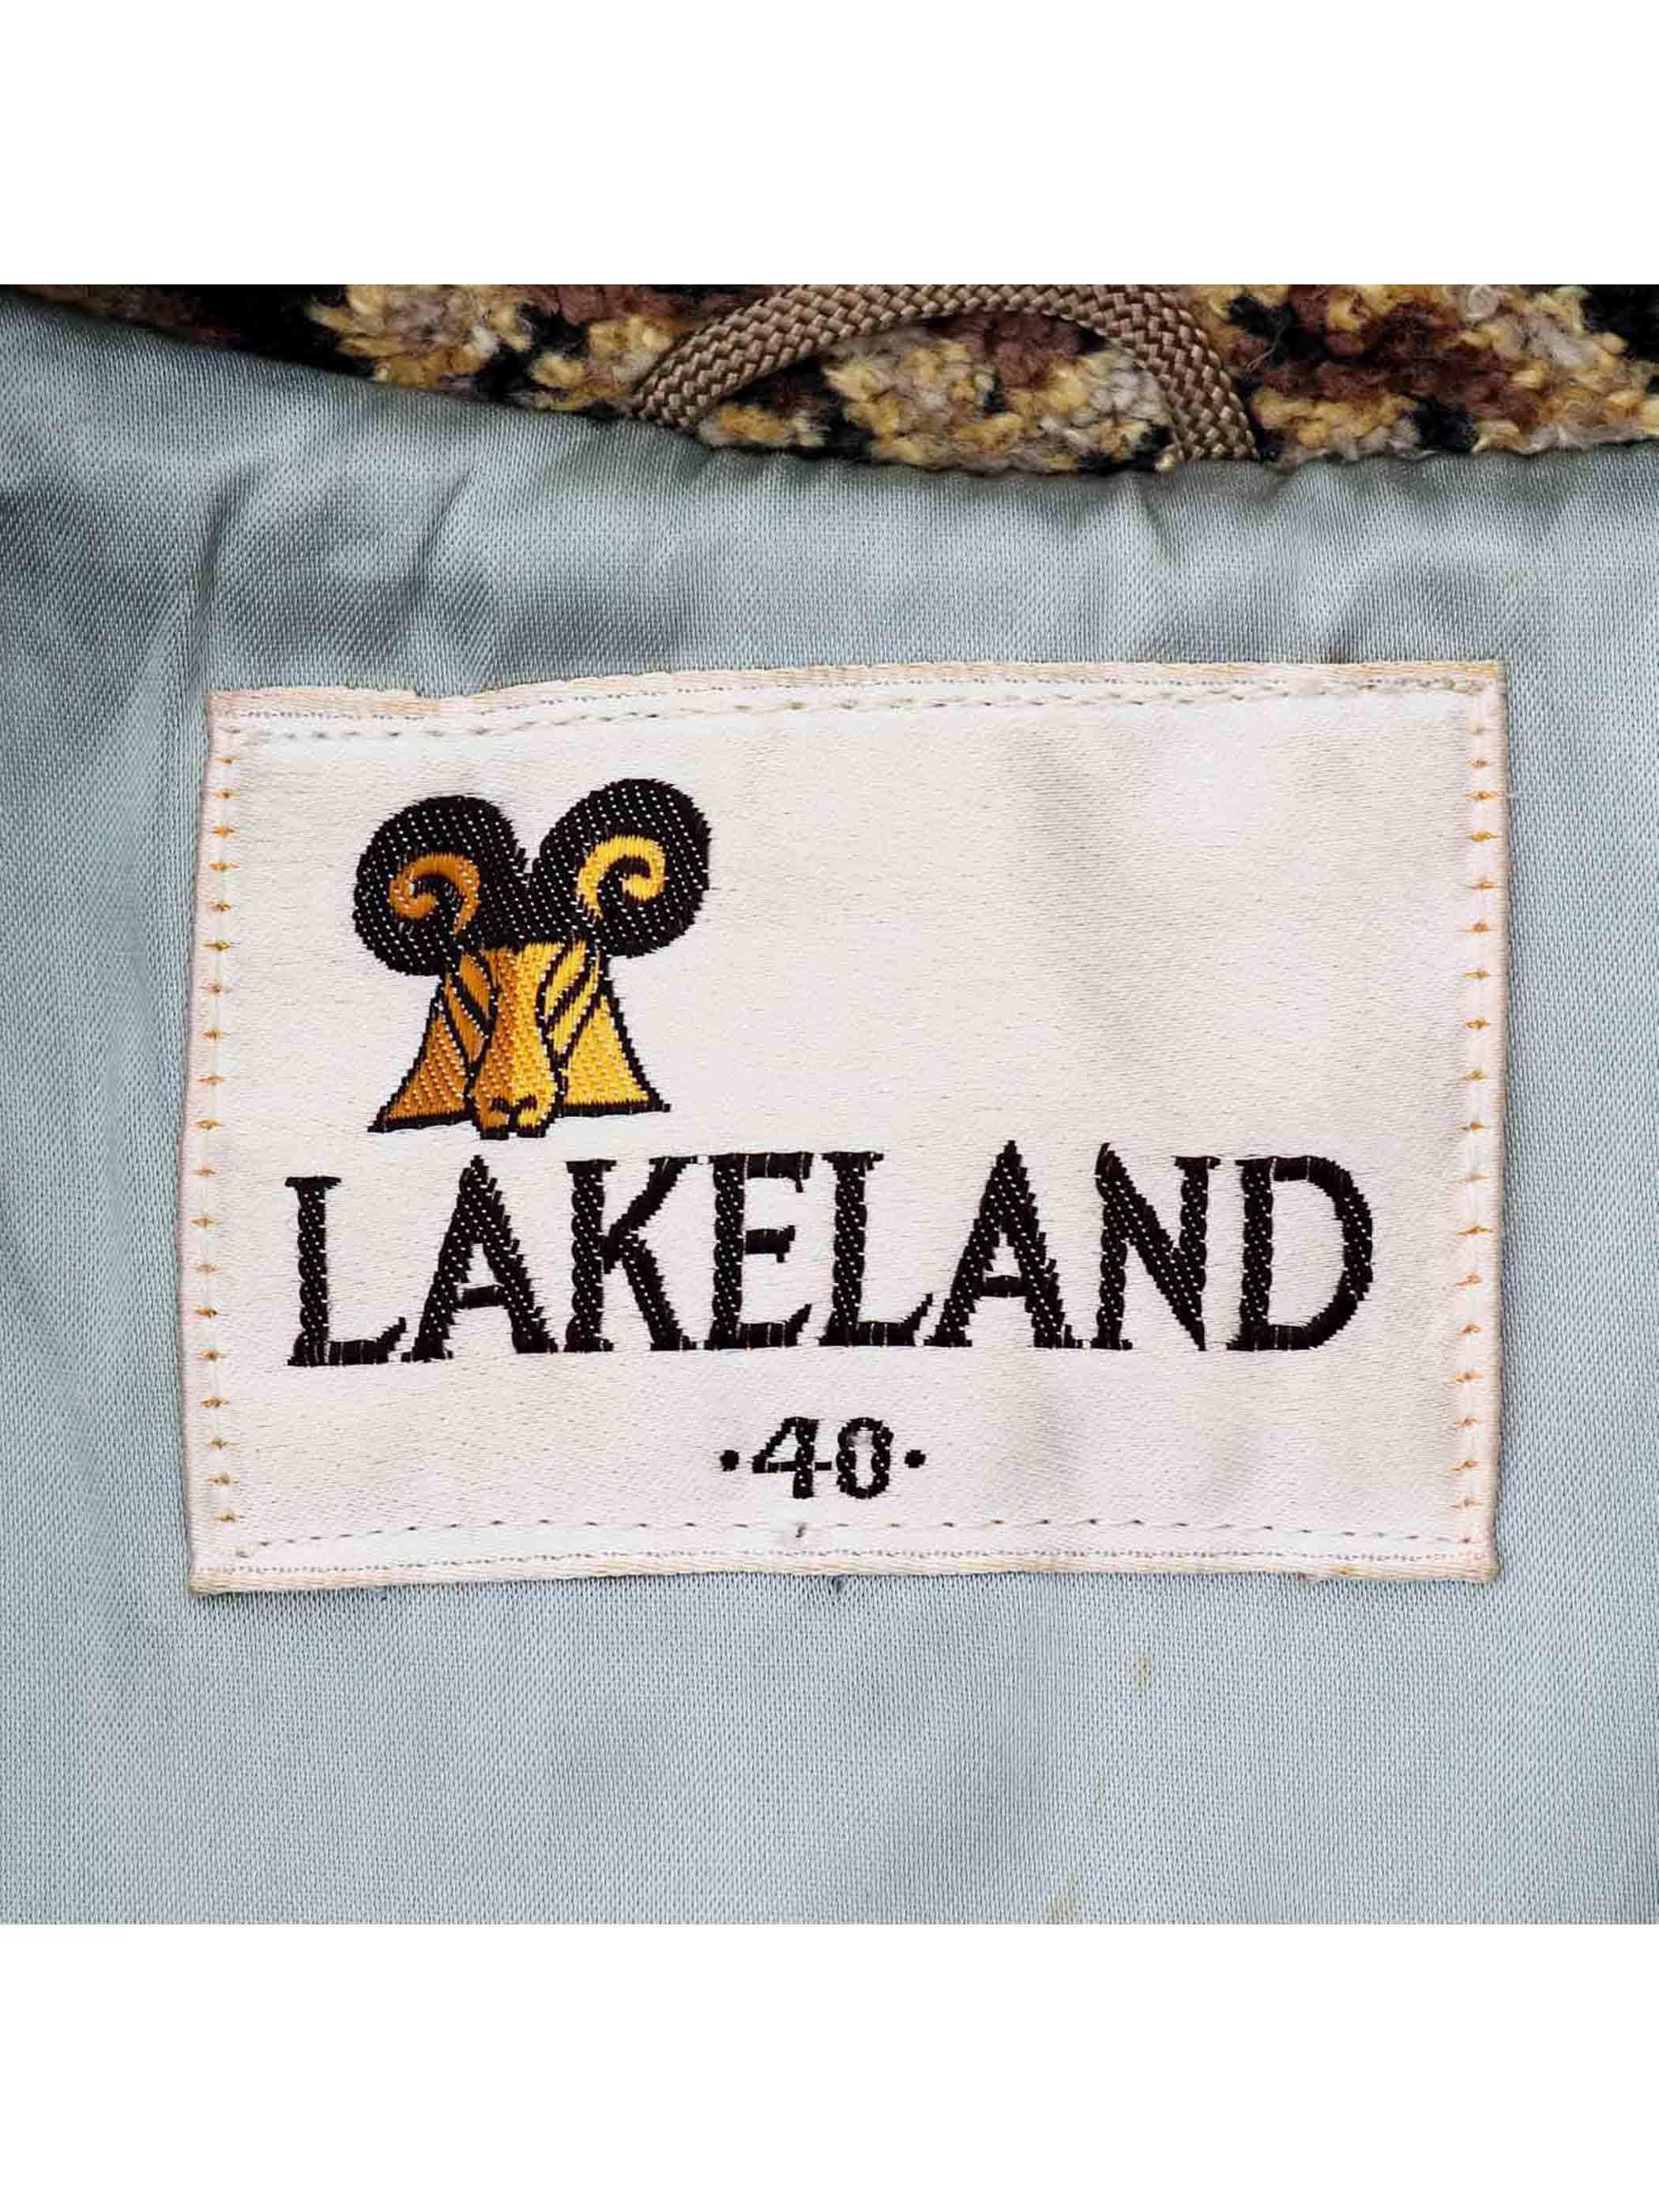 70's LAKELAND ゴブラン タペストリーコート [40]